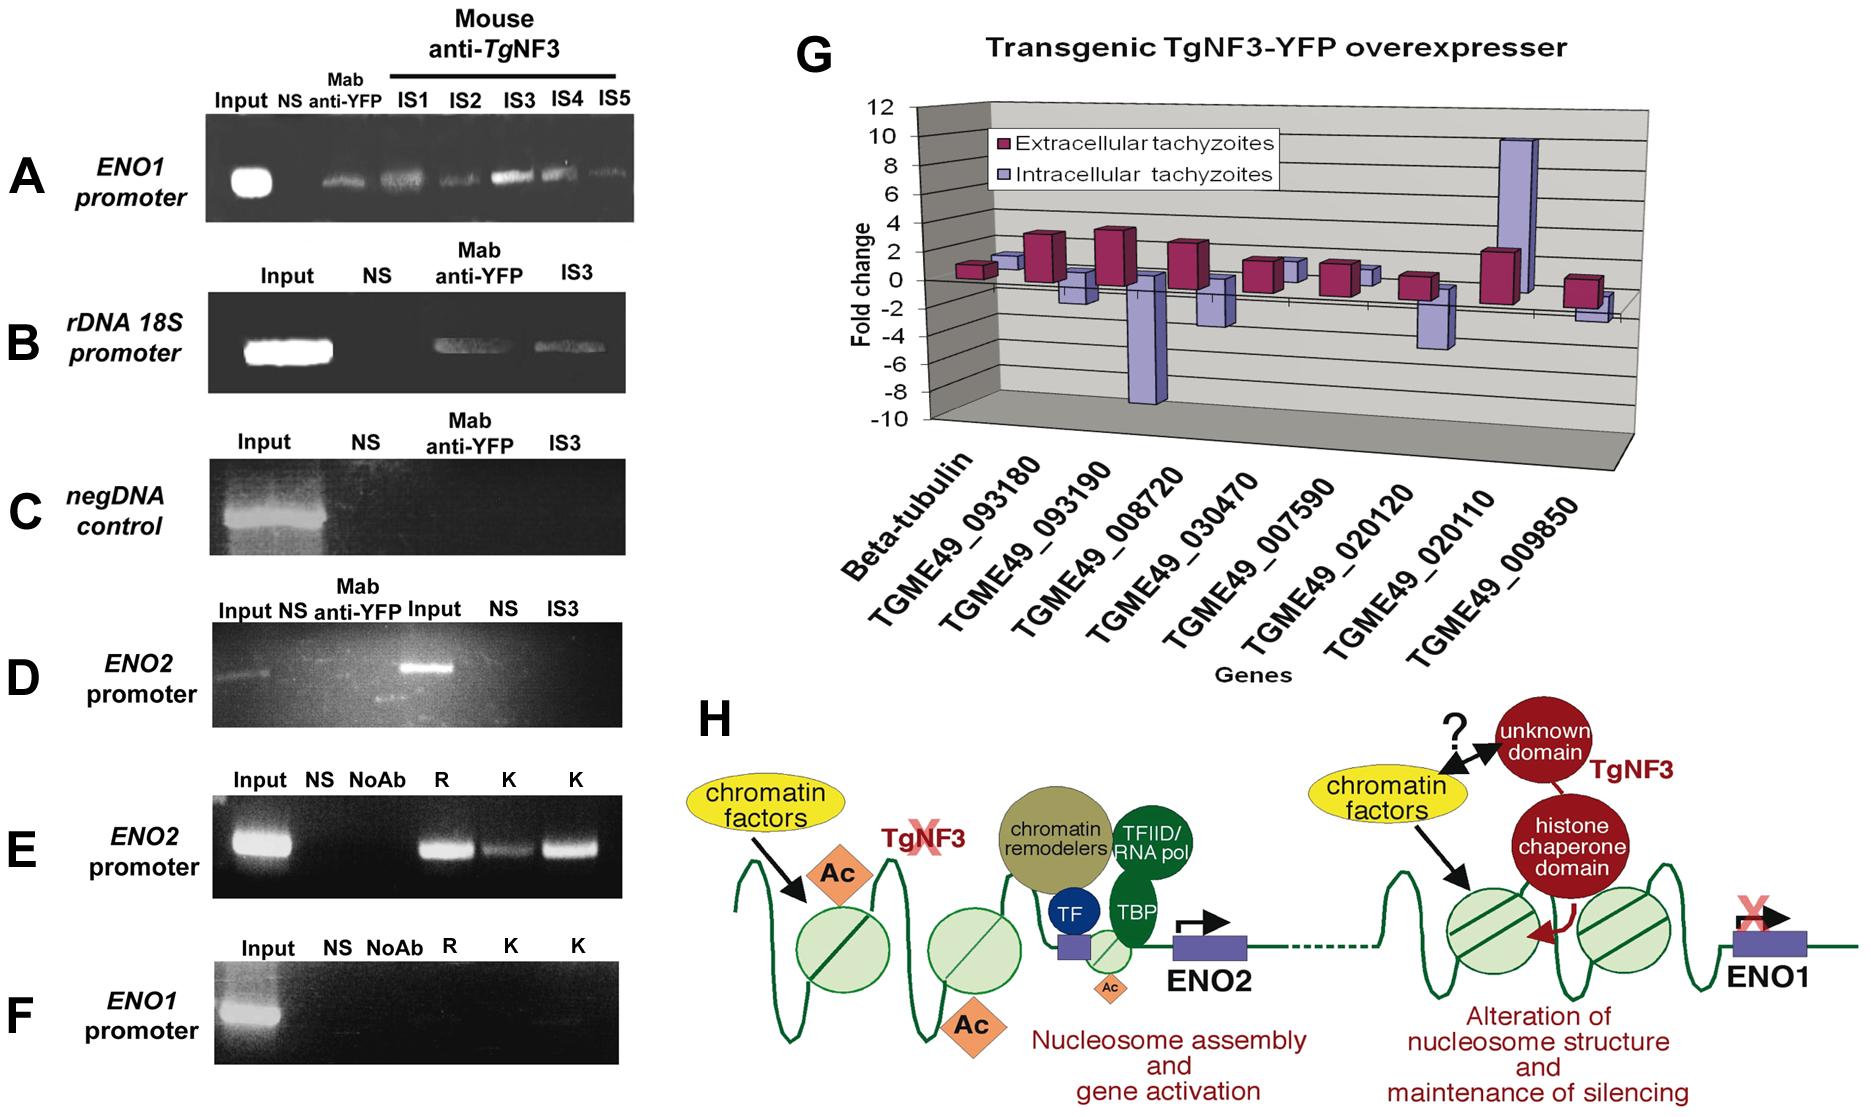 Chromatin immunoprecipitation (ChIP) analyses of TgNF3 binding sites <i>in vivo</i>.